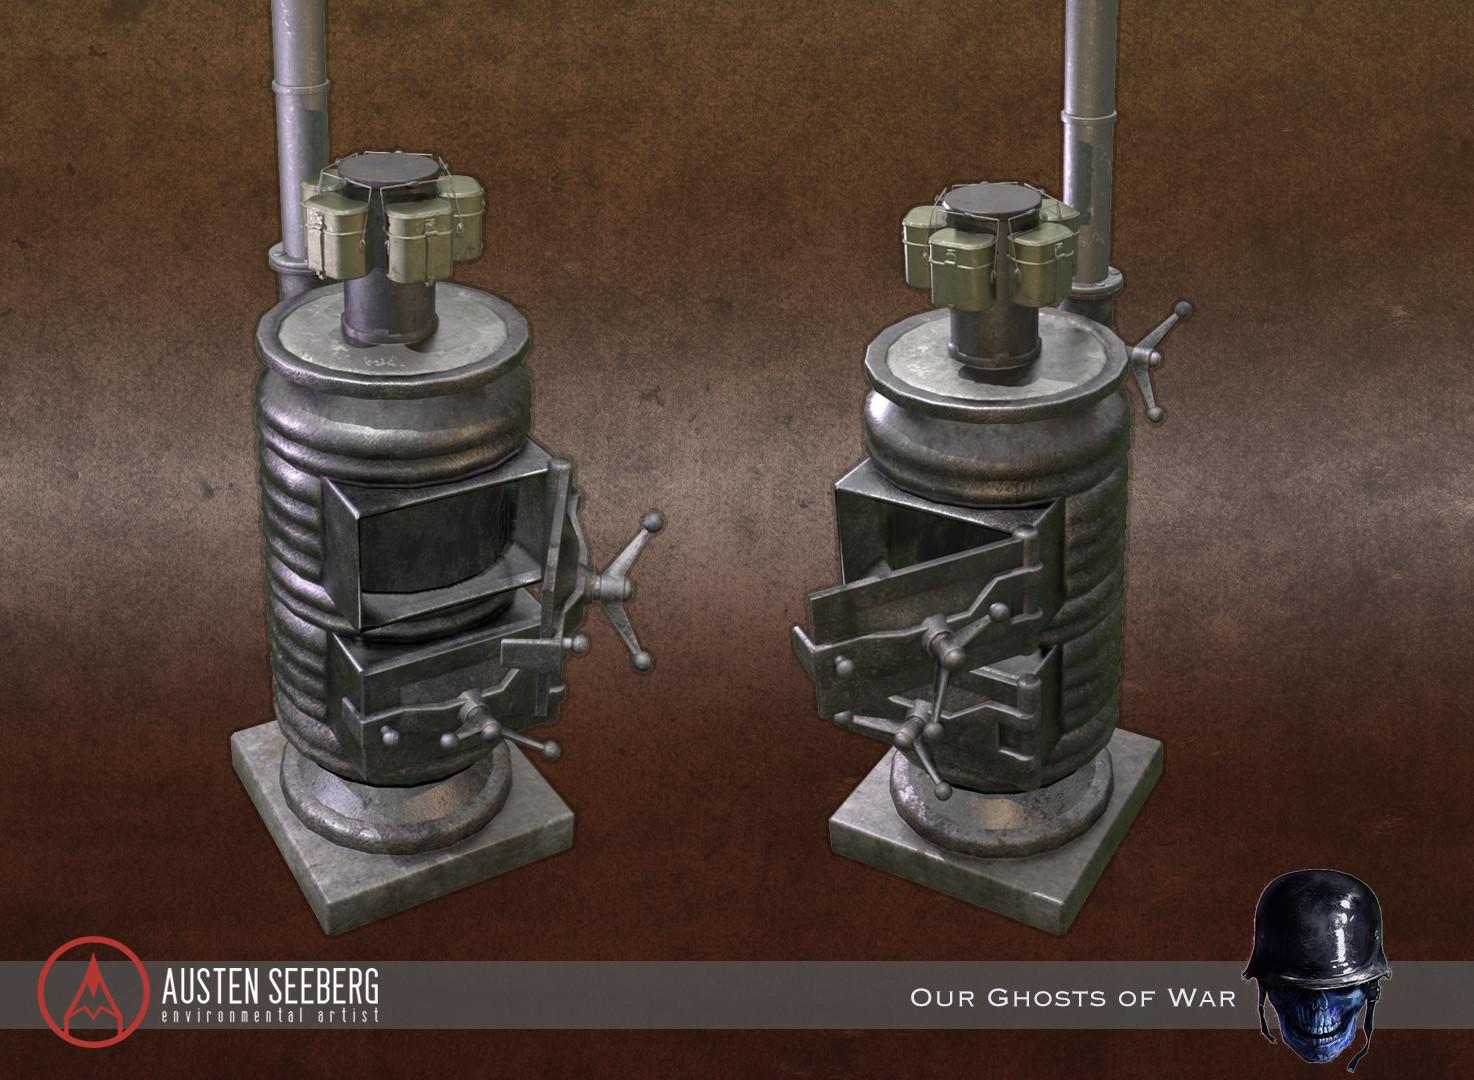 Austen seeberg austen seeberg bunkerstovecomp01